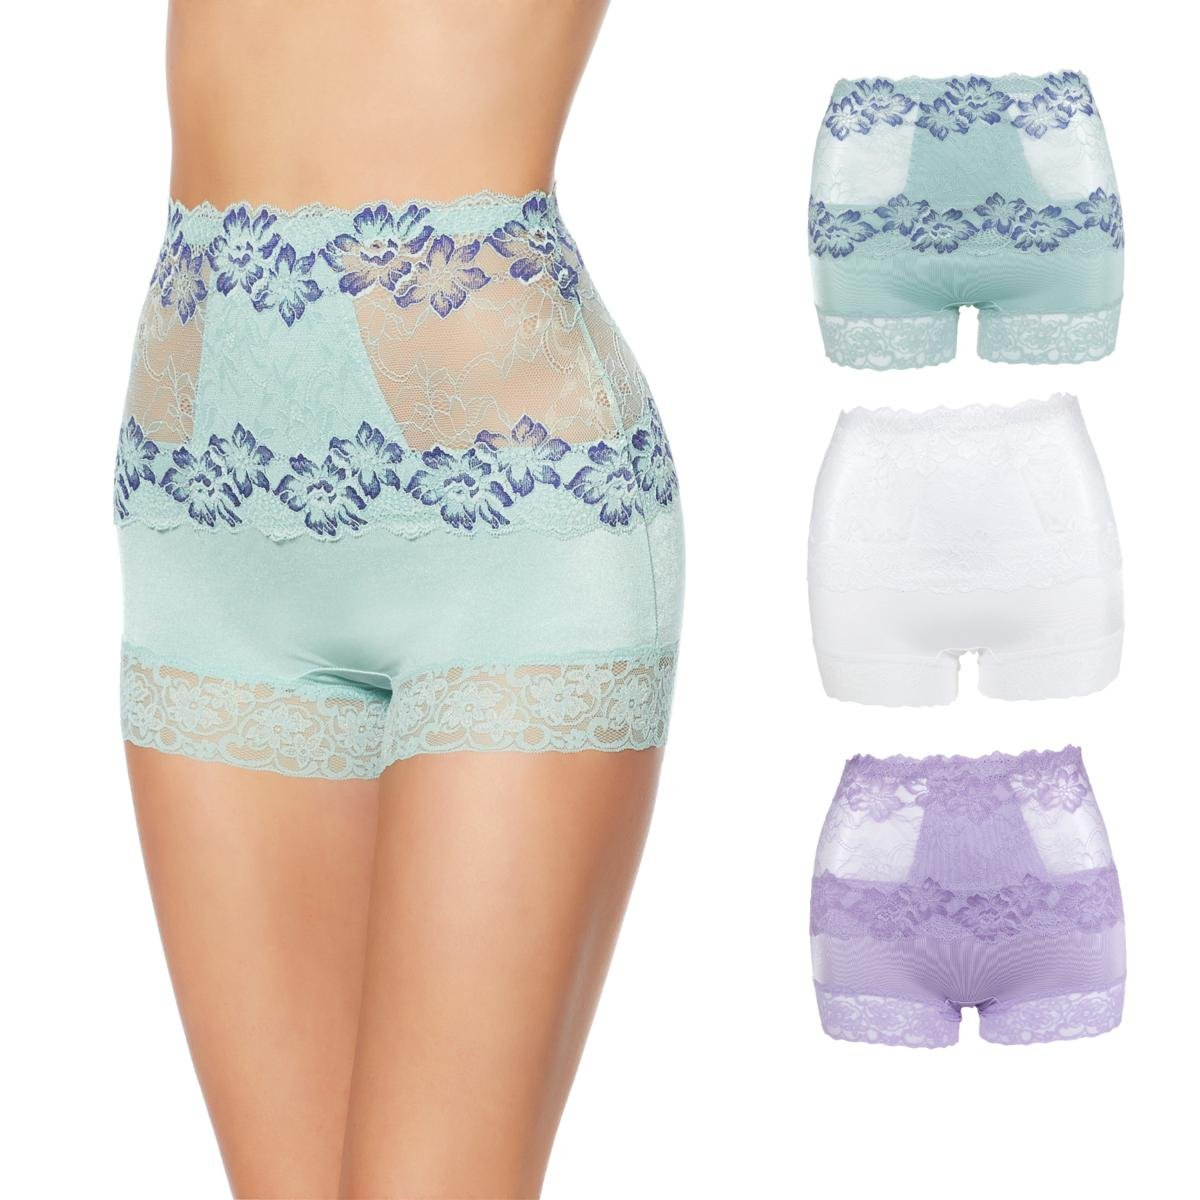 Ahh By Rhonda Shear 3-Pack Pin up Lace Panties